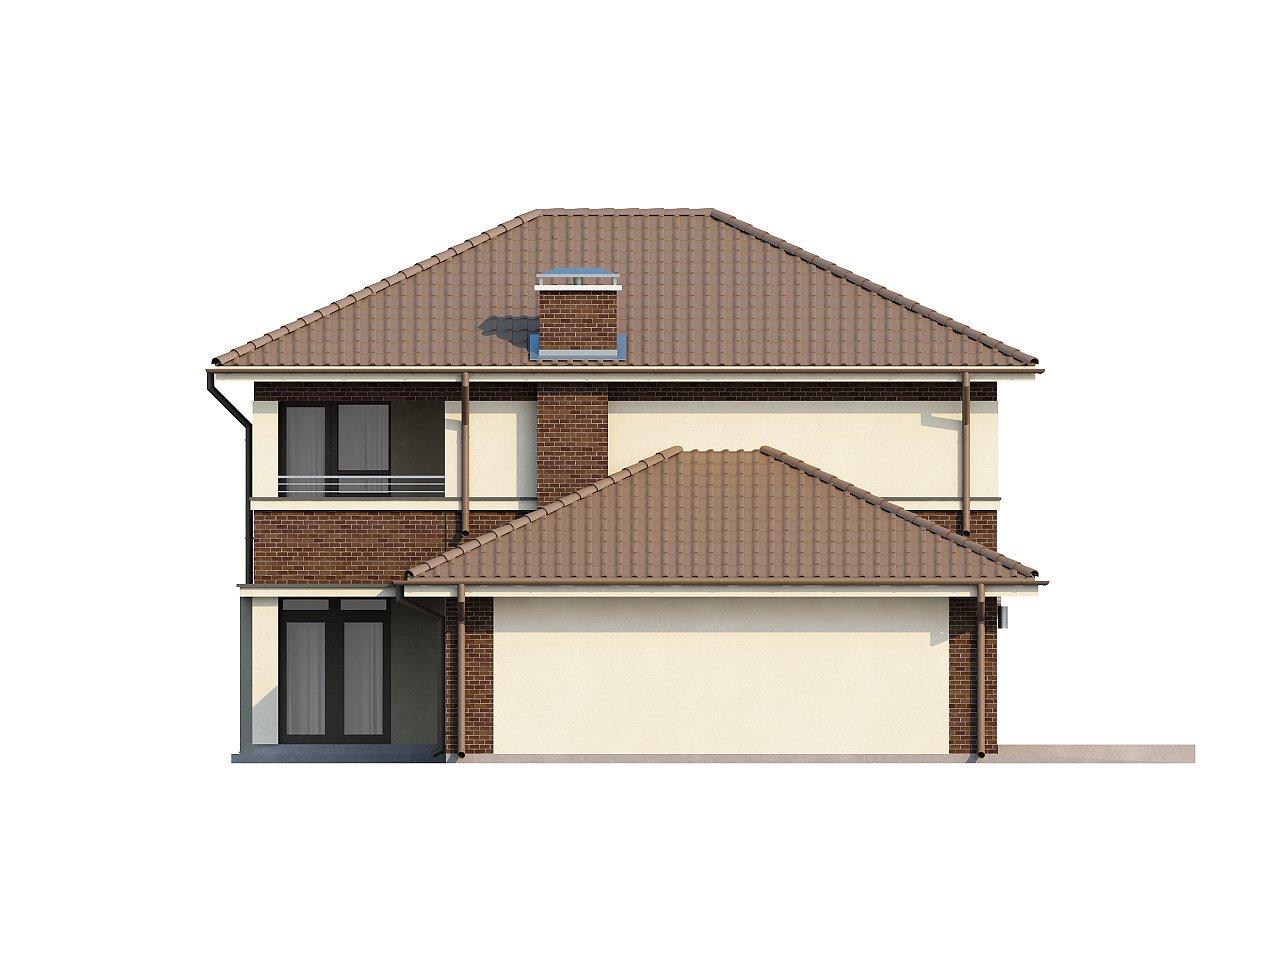 Элегантный двухэтажный дом с боковым гаражом и кабинетом на первом этаже. 22